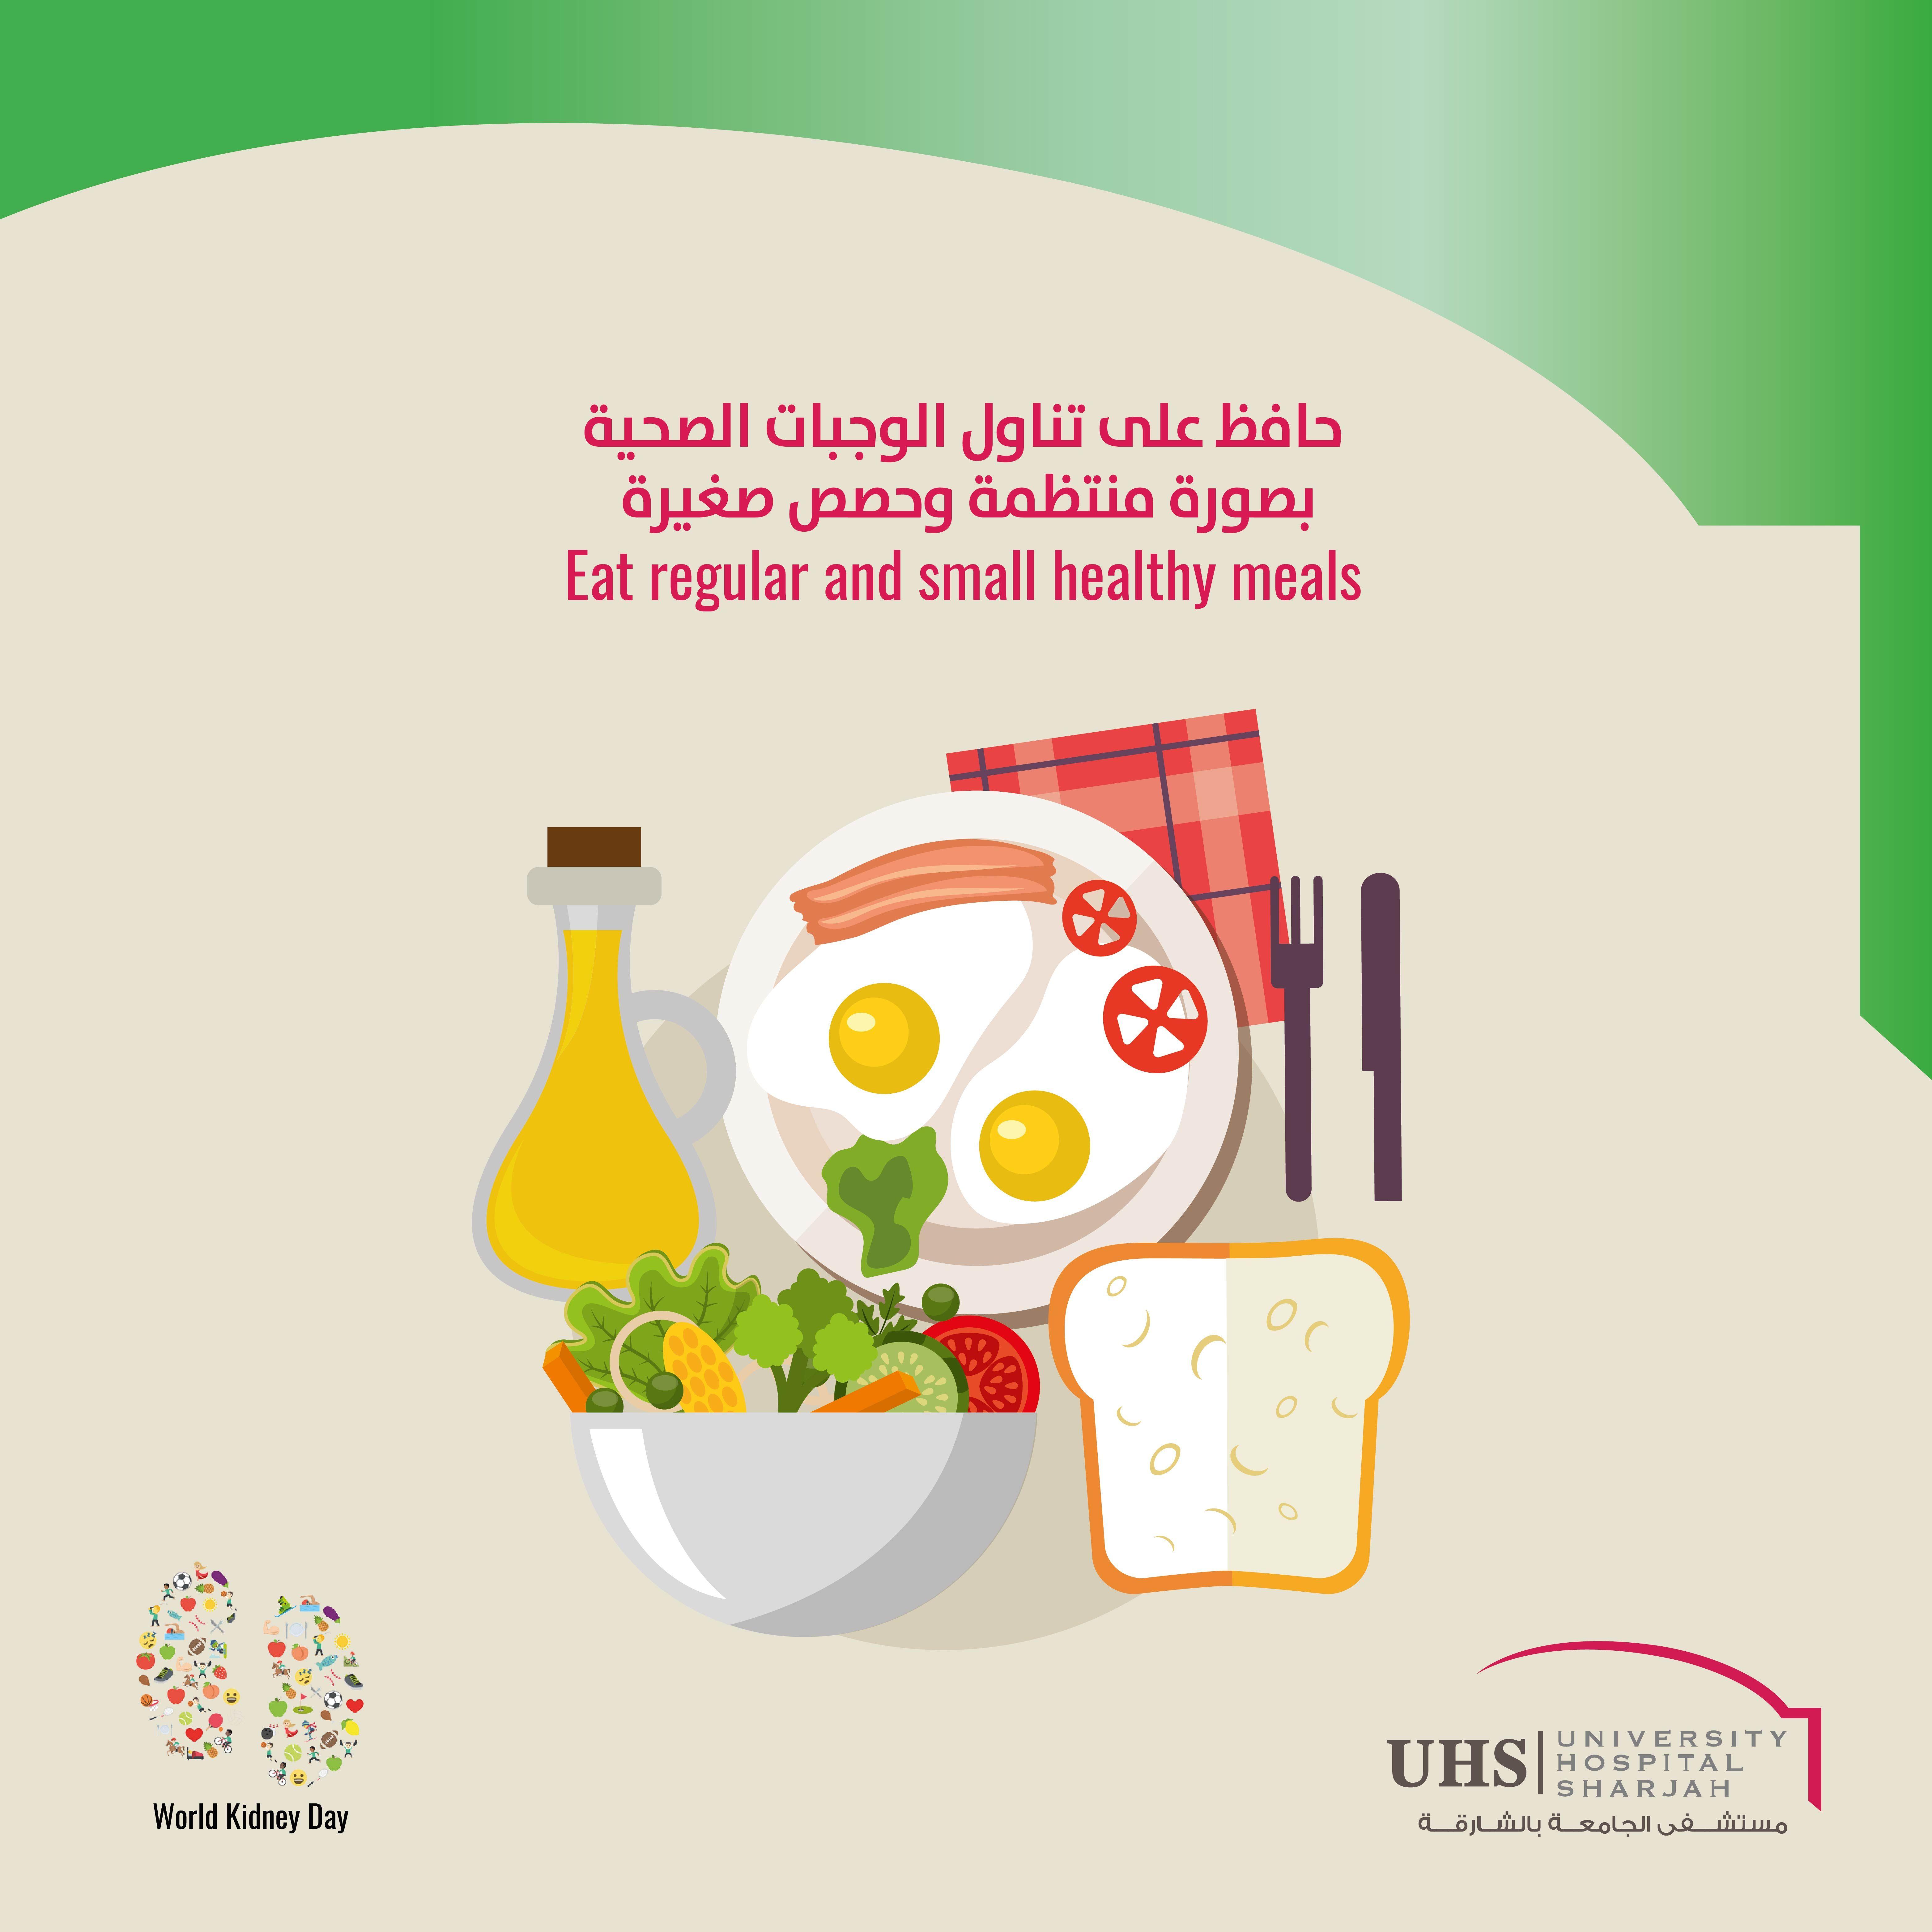 تجنب انخفاض نسبة السكر في الدم لأنه يسبب التوتر وحافظ على تناول الوجبات الصحية بصورة منتظمة وحصص صغيرة واحرص على بقا Awareness Month Awareness Healthy Recipes